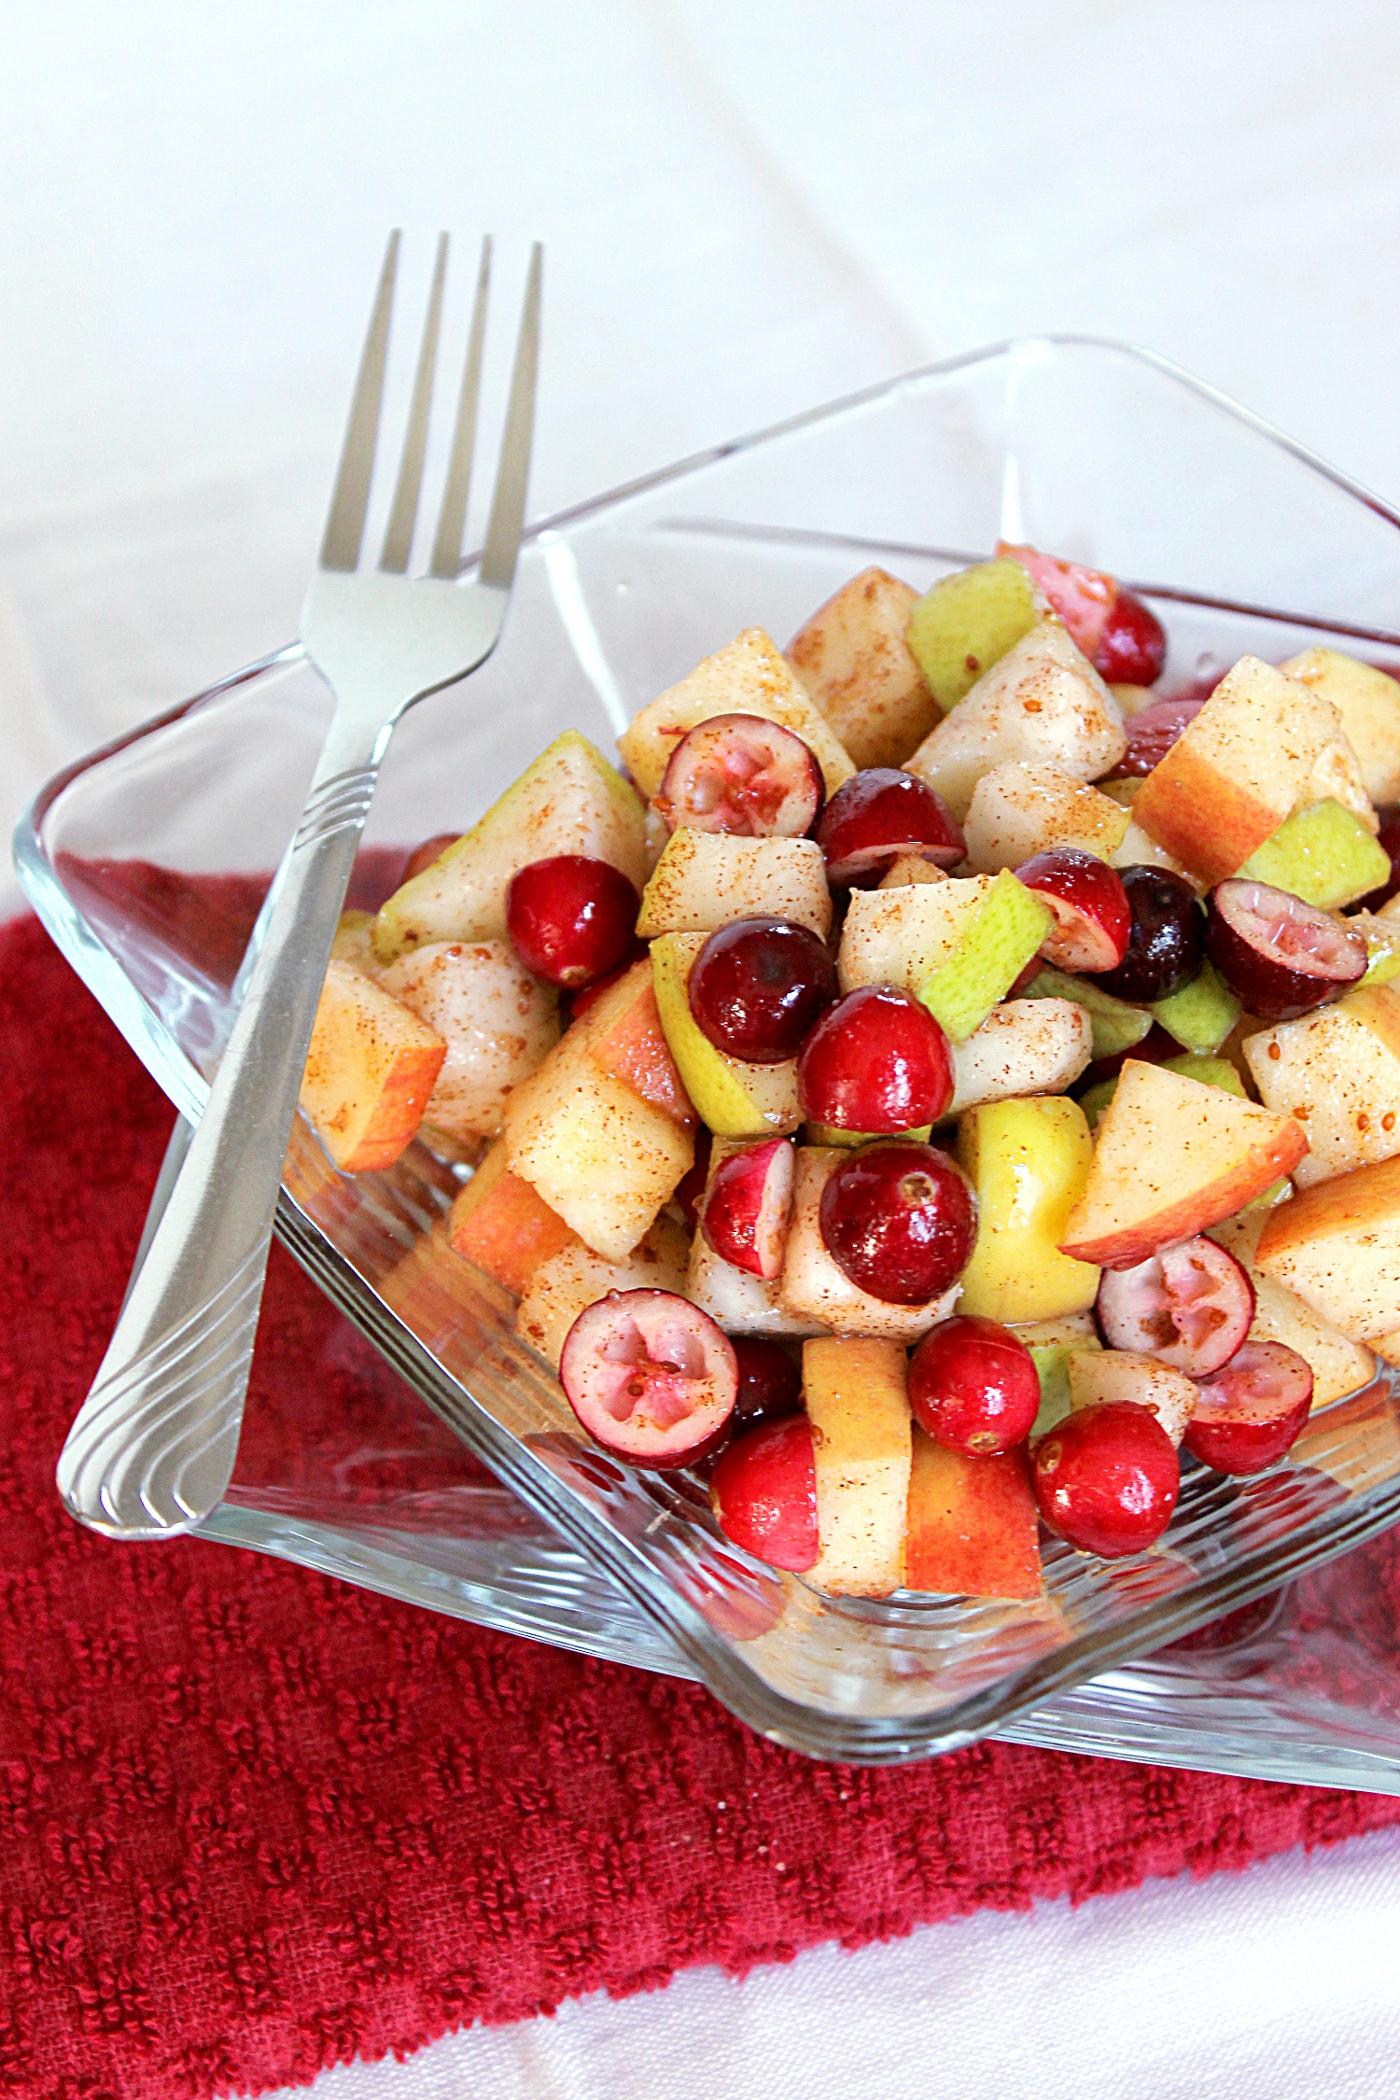 Apple Pear Slaw via Fabtastic Eats #apples #pears #cranberries #slaw #salad #fruit